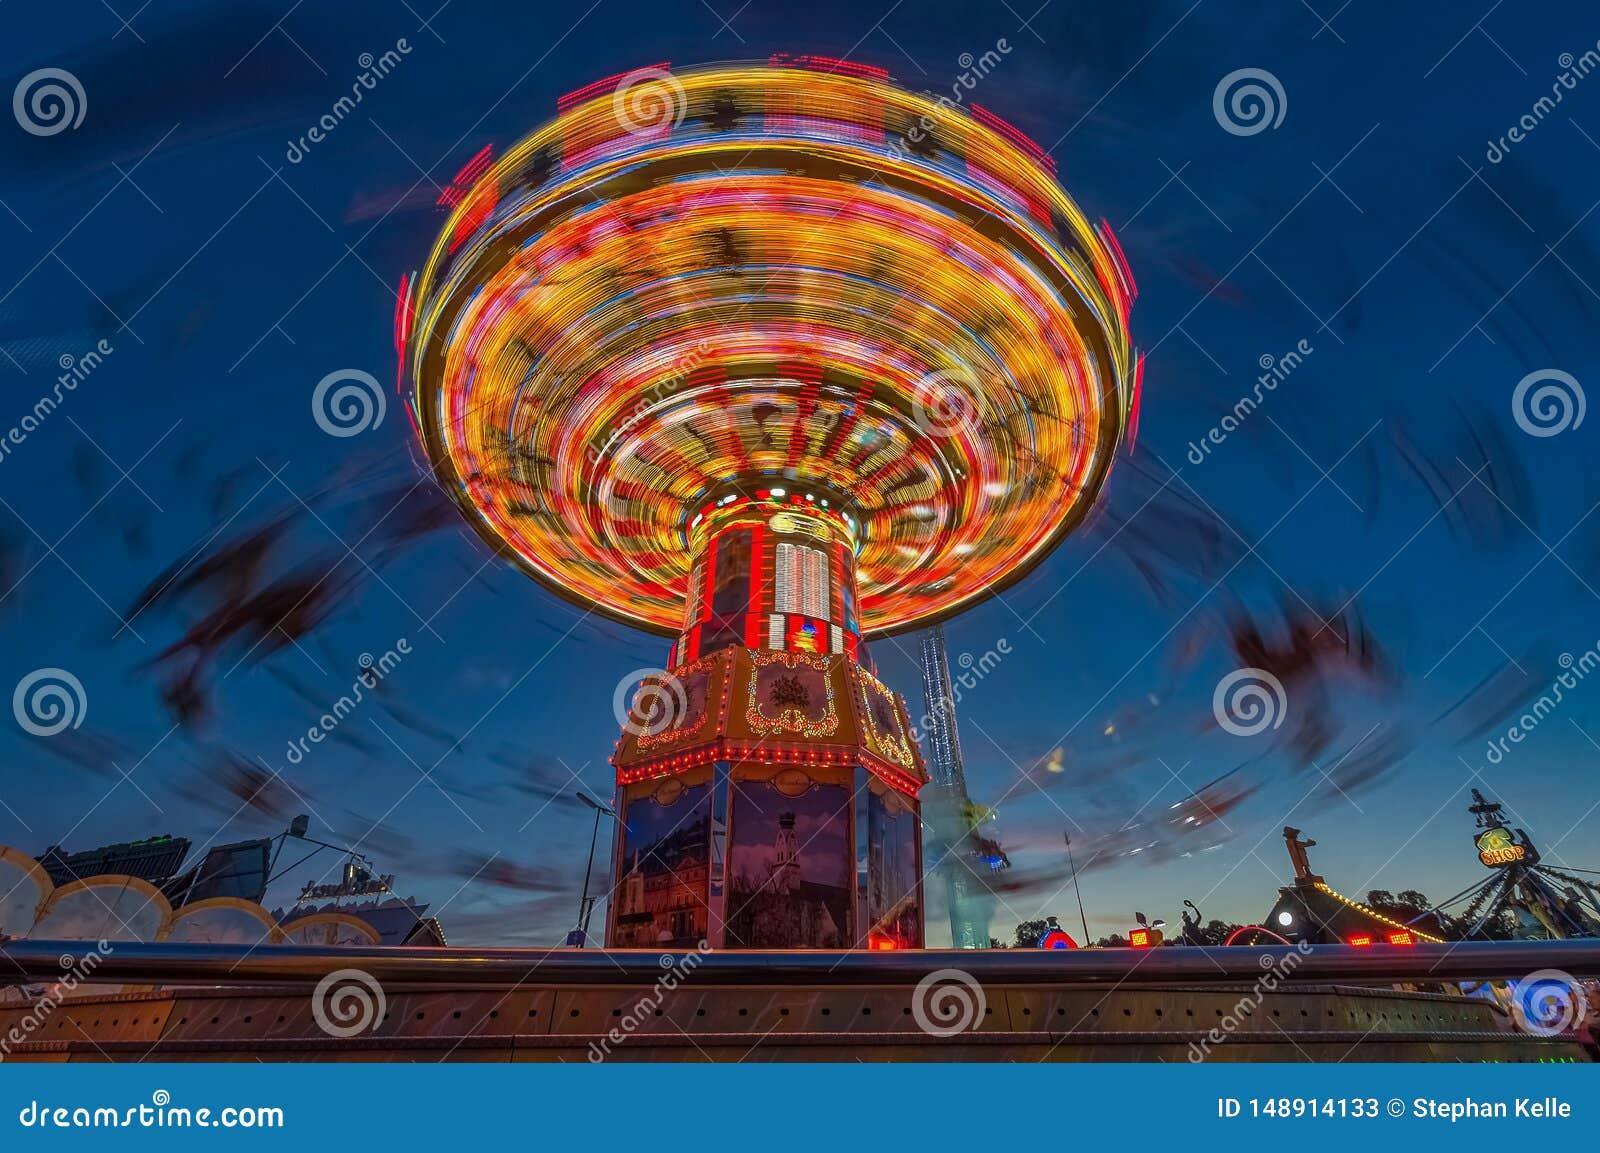 Ketting carusel van Munichs Oktoberfest in beroemde Theresienwiese